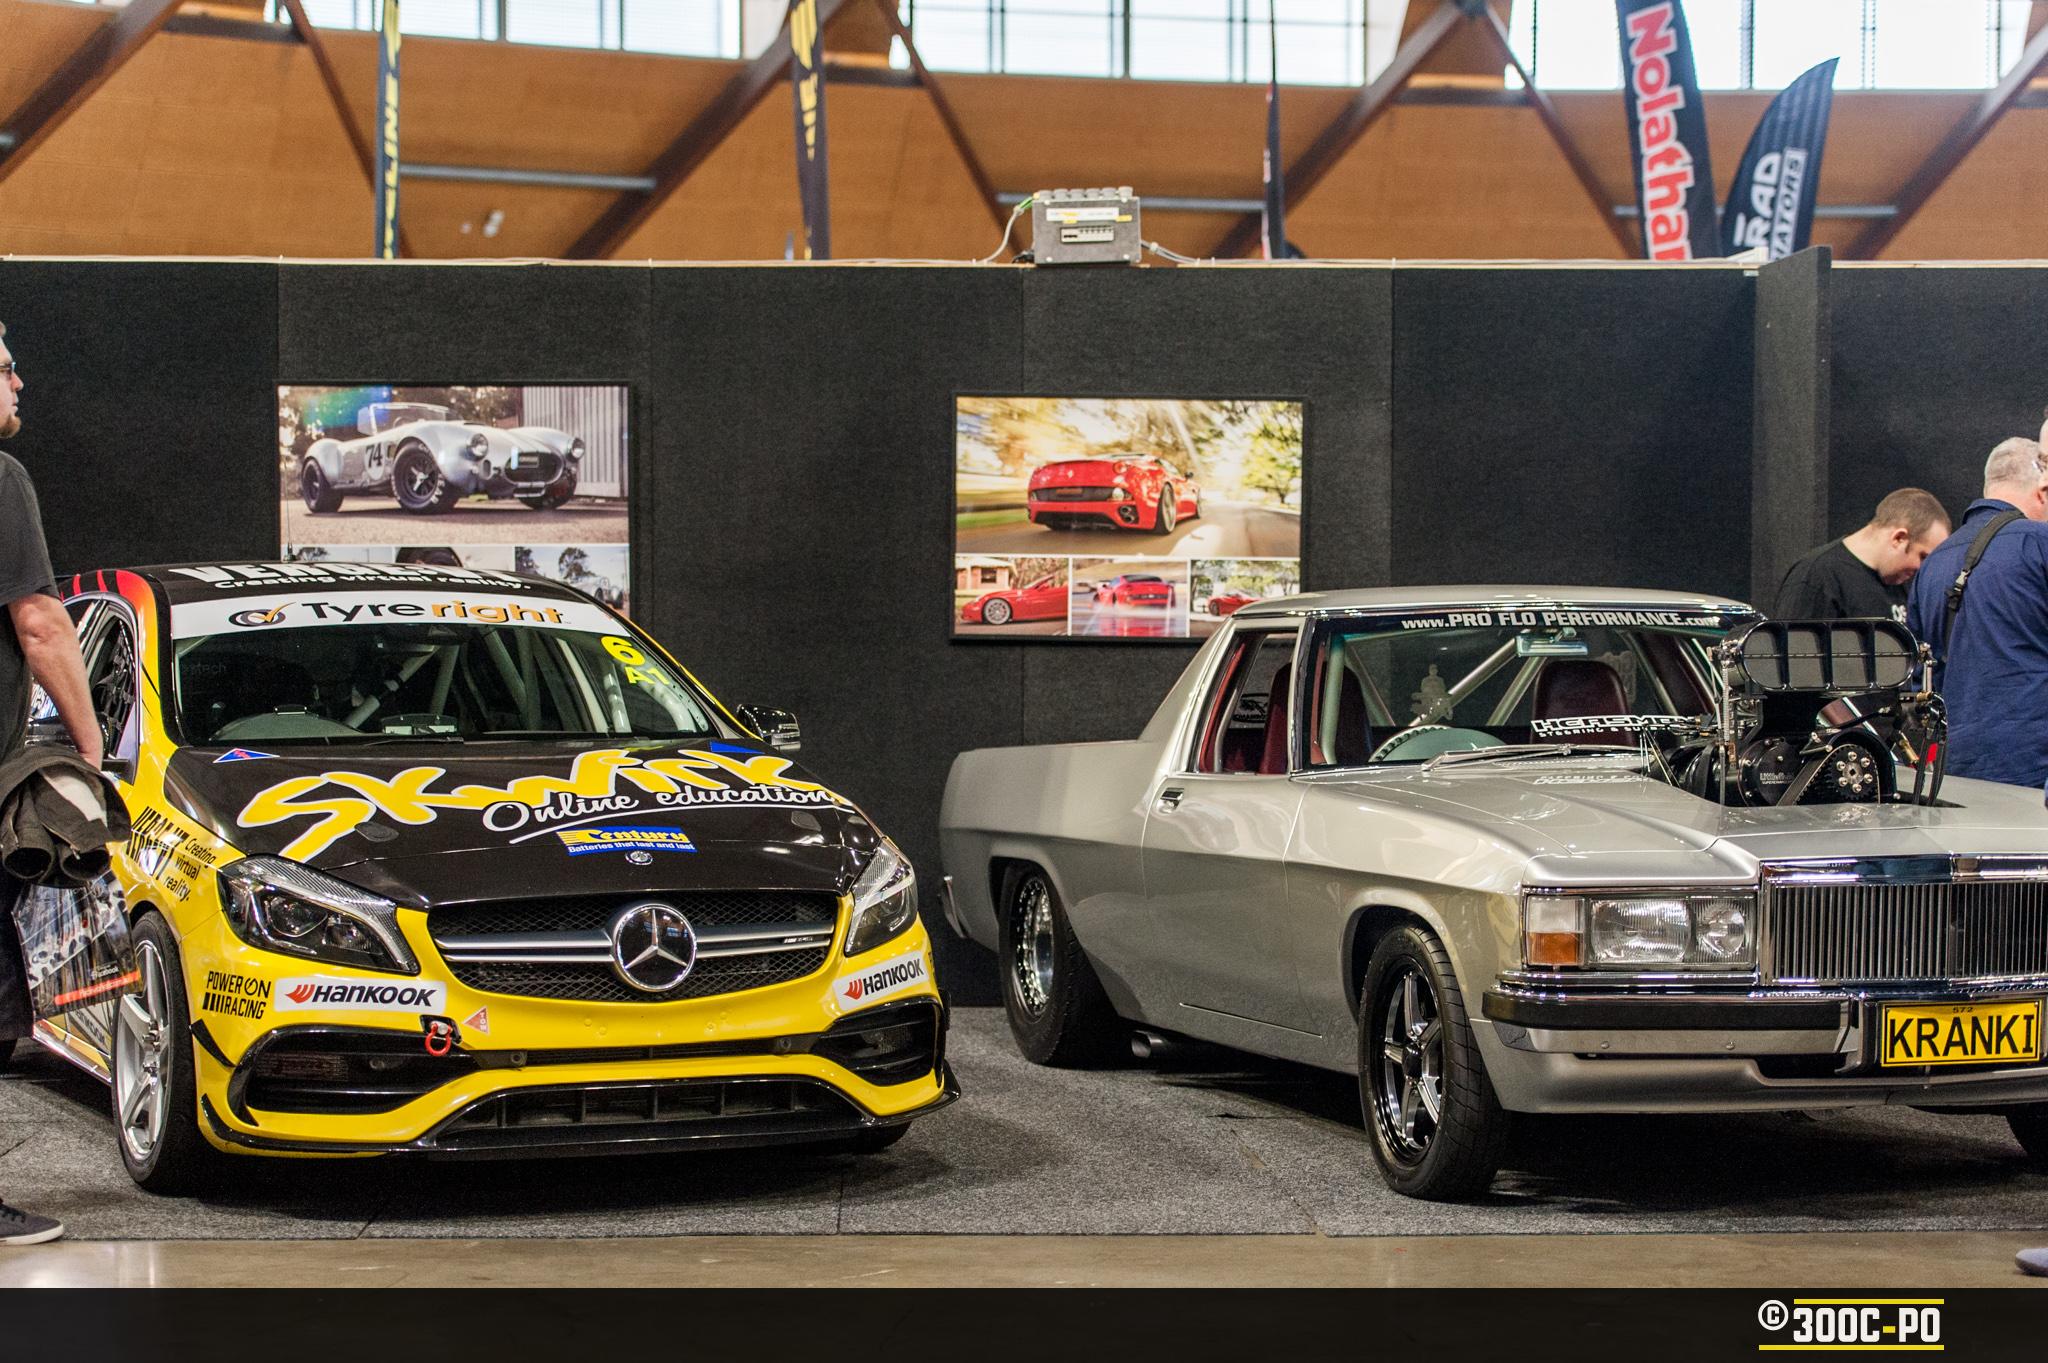 2017-07-22 - Meguiars MotorEx 013